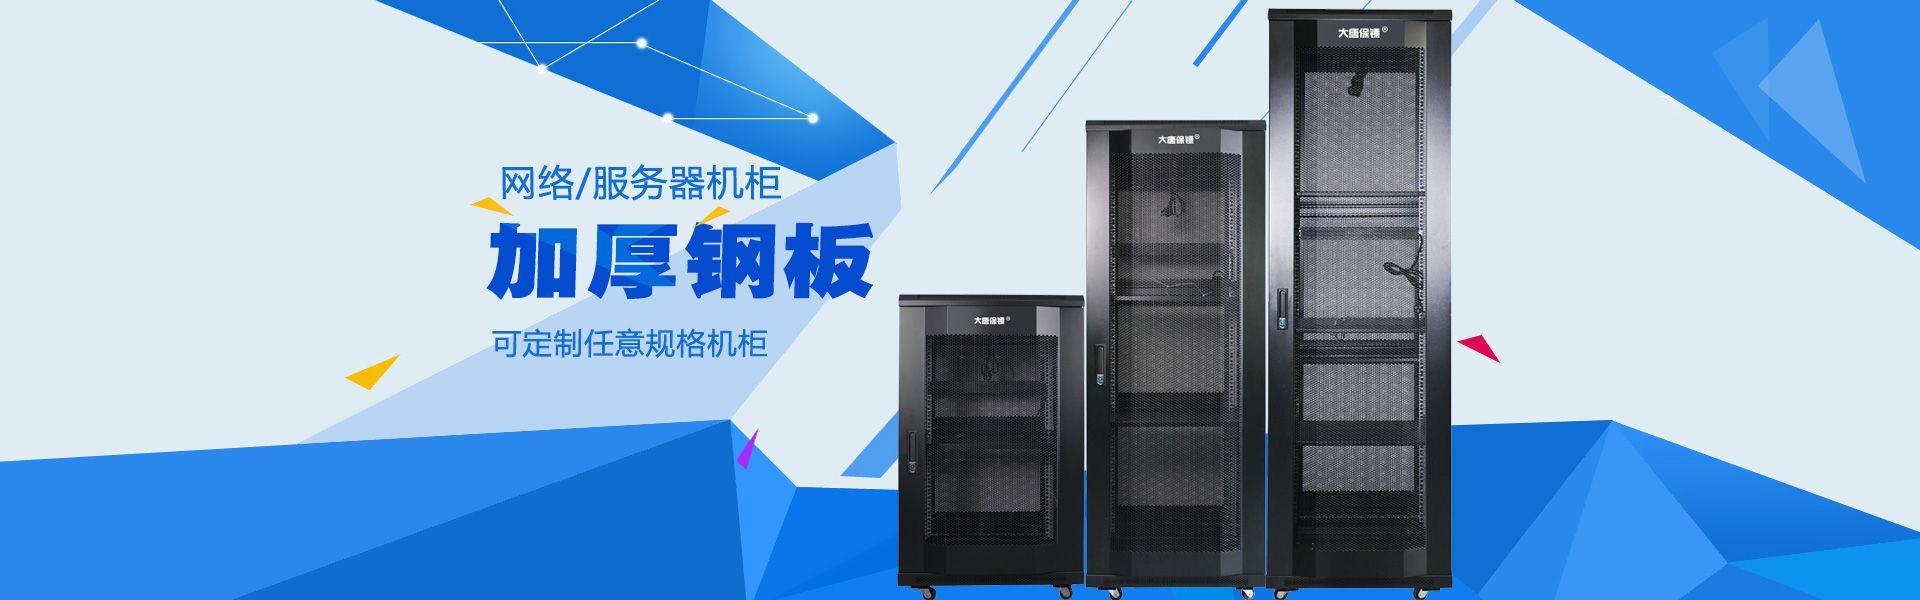 北京盛成大唐科技有限公司